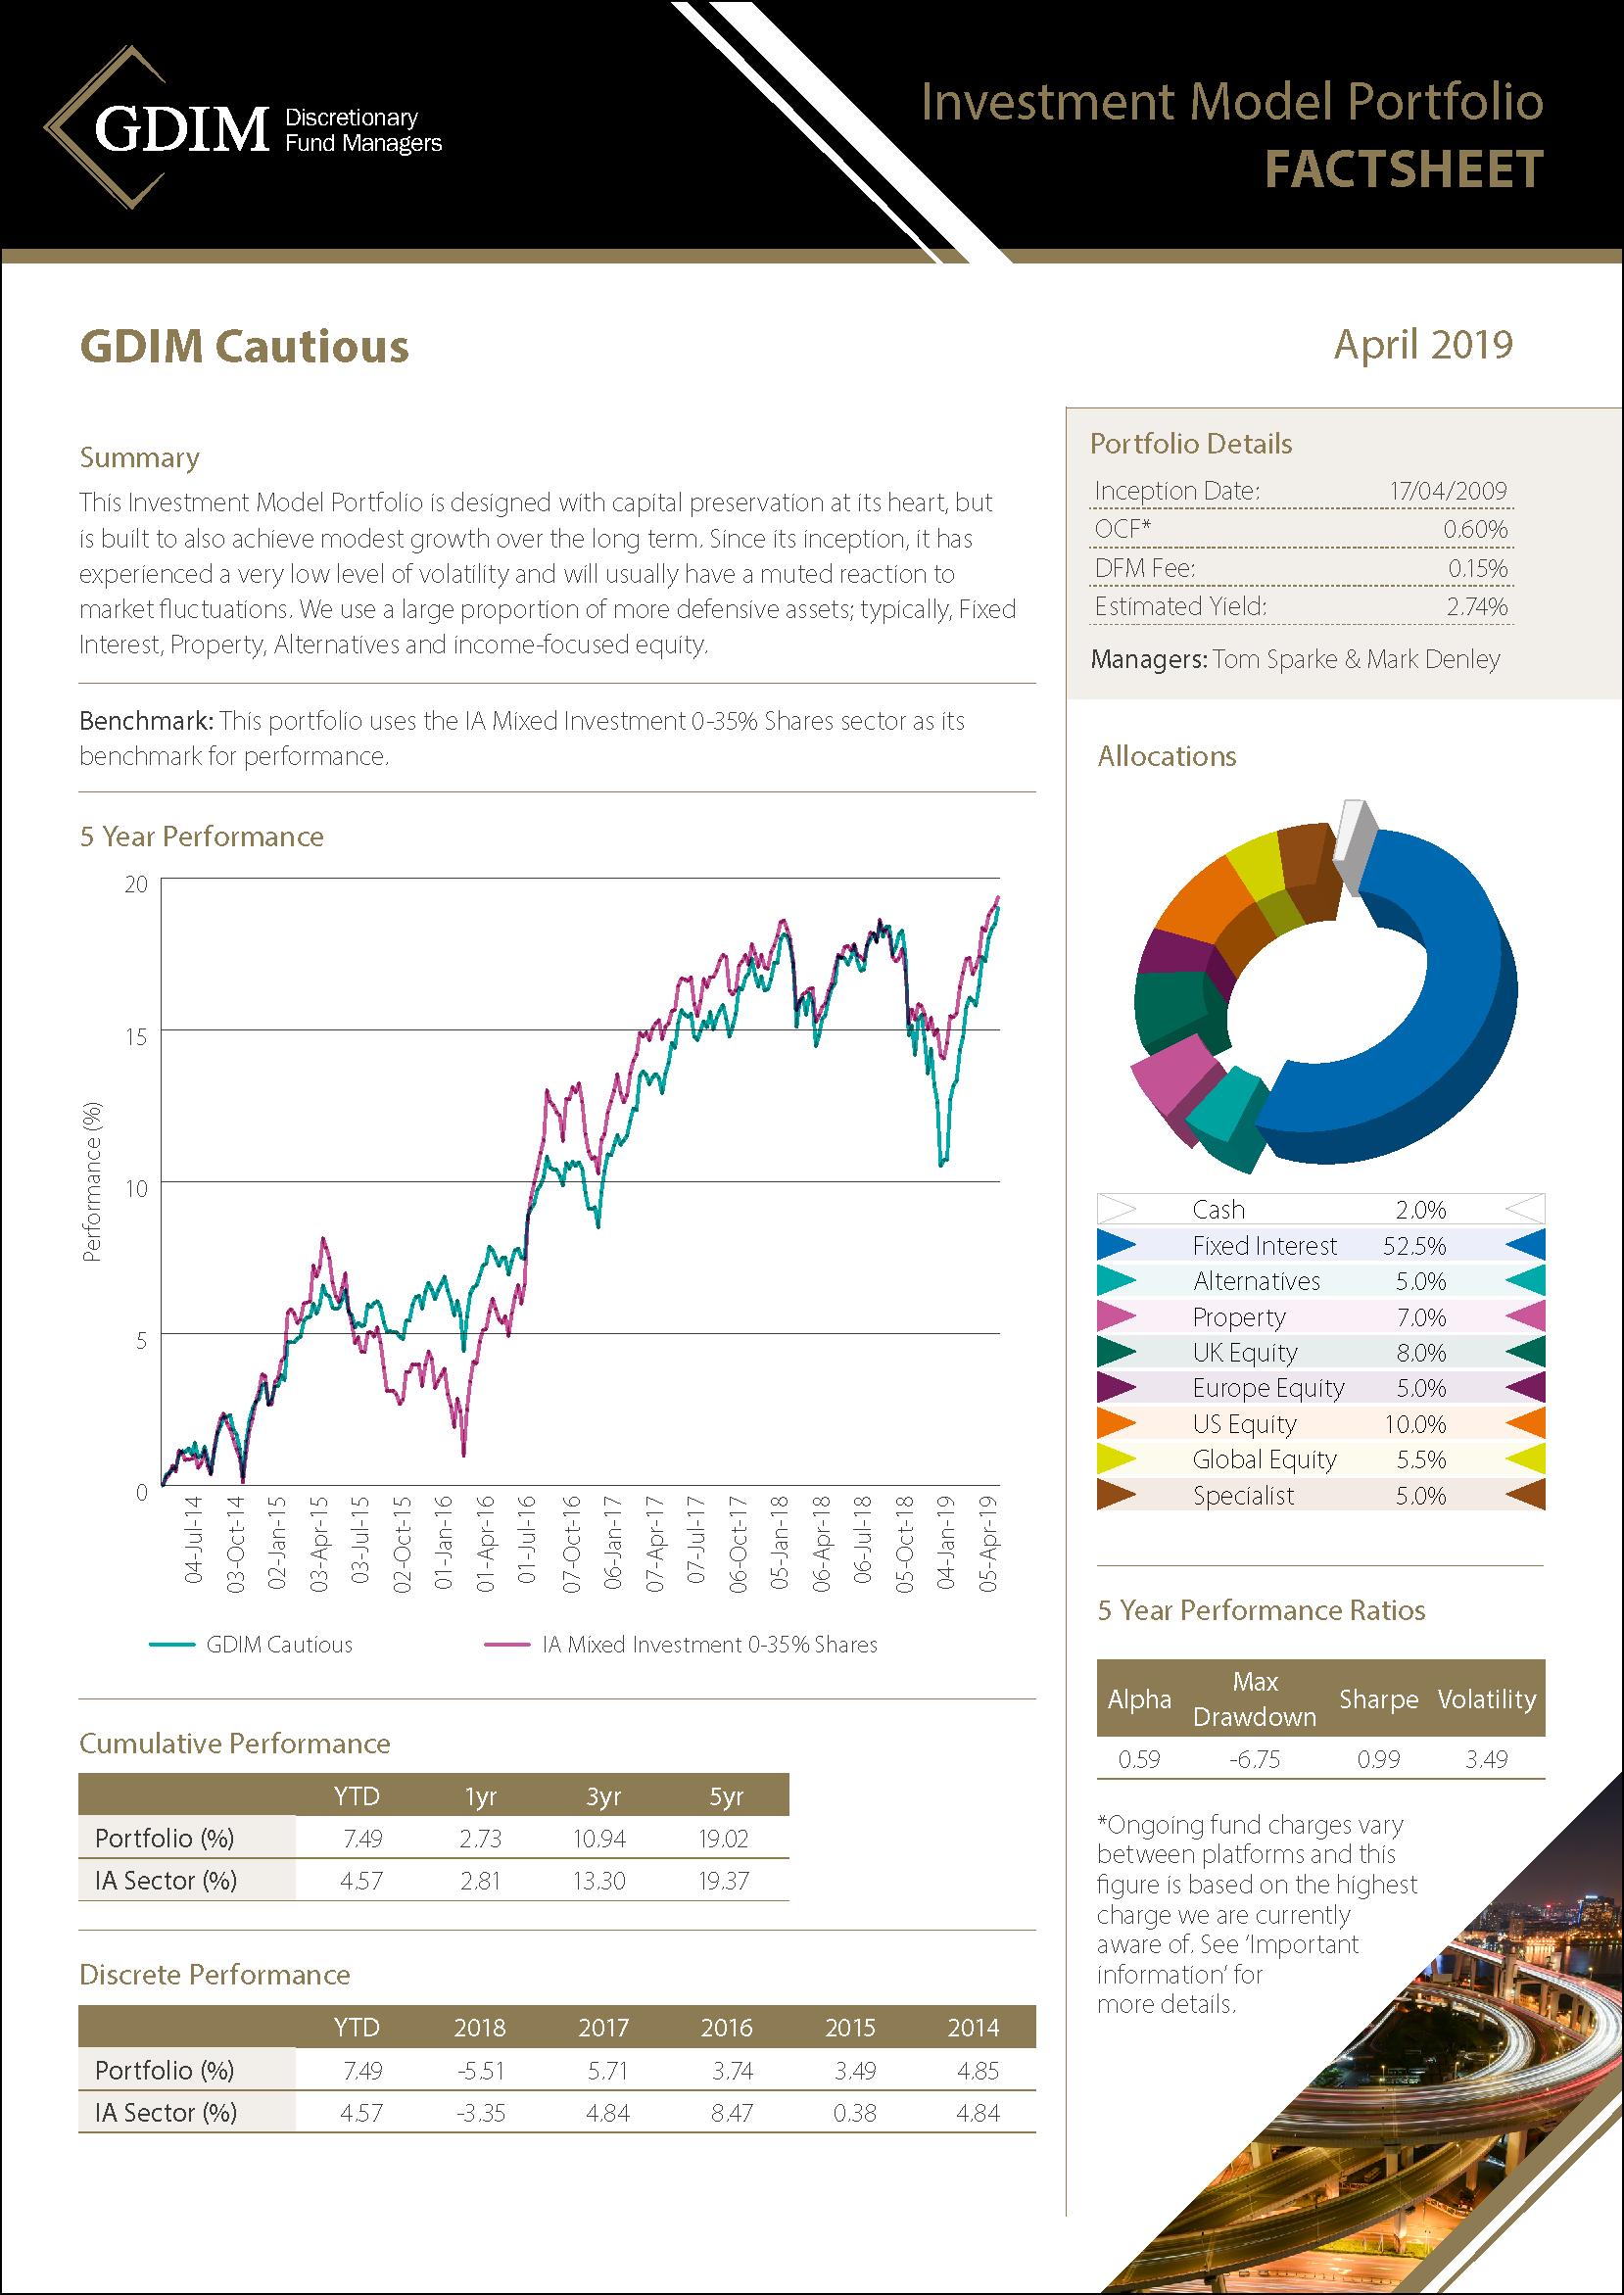 GDIM Cautious Investment Model Portfolio Factsheet